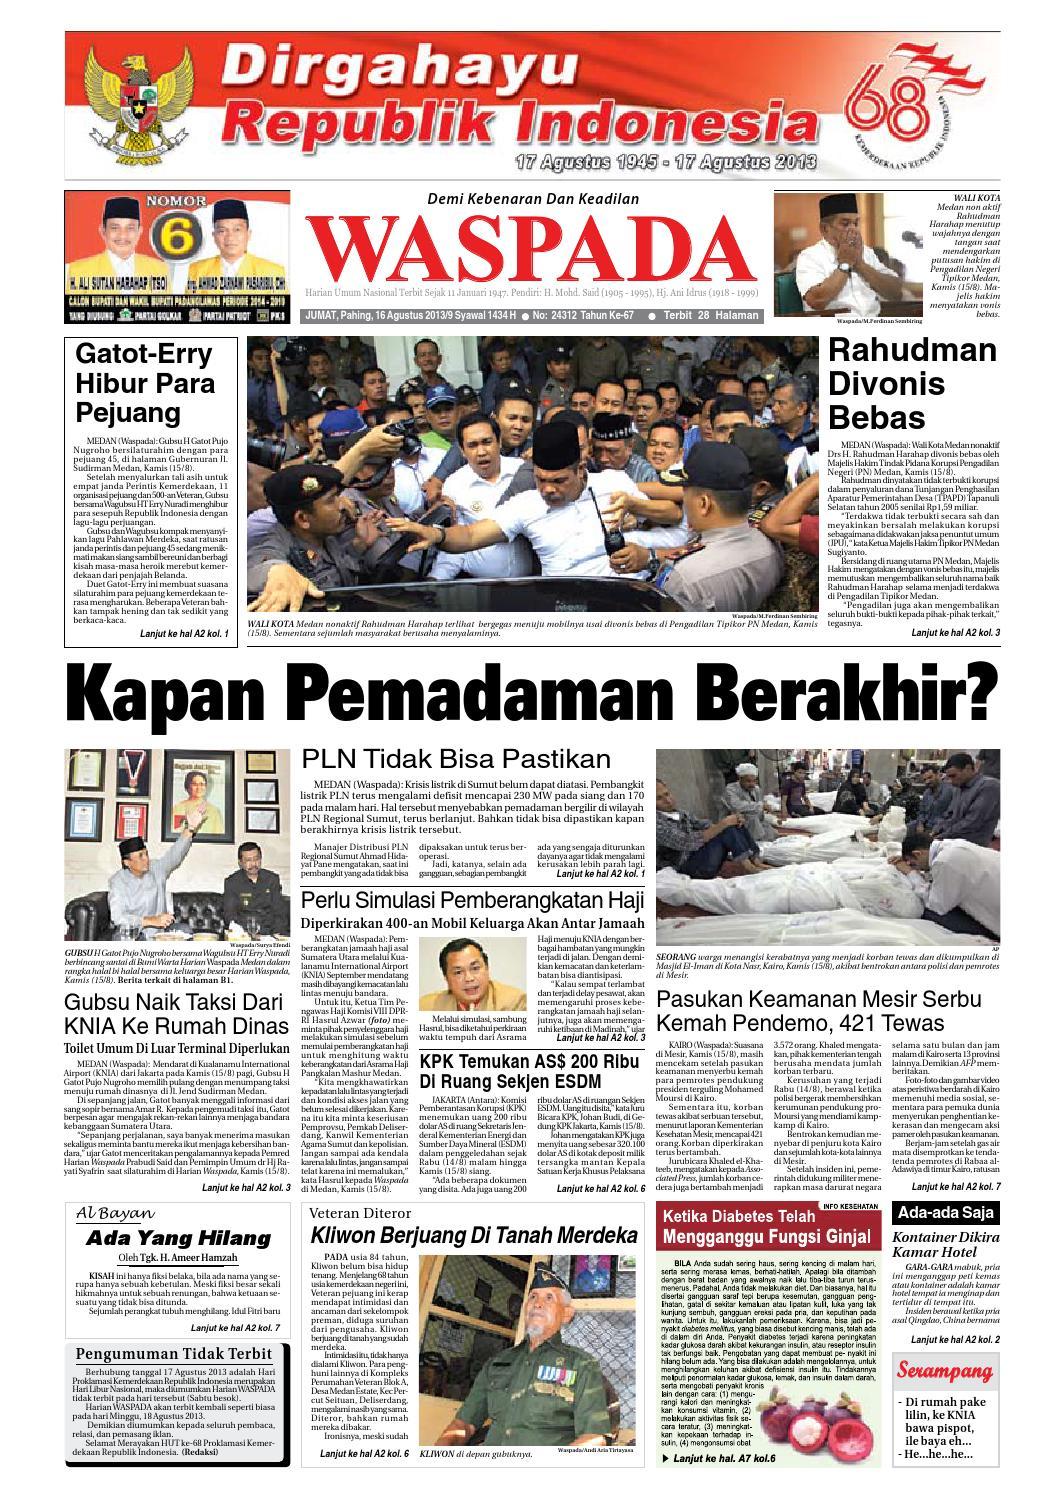 Waspada Jumat 16 Agustus 2013 By Harian Waspada Issuu